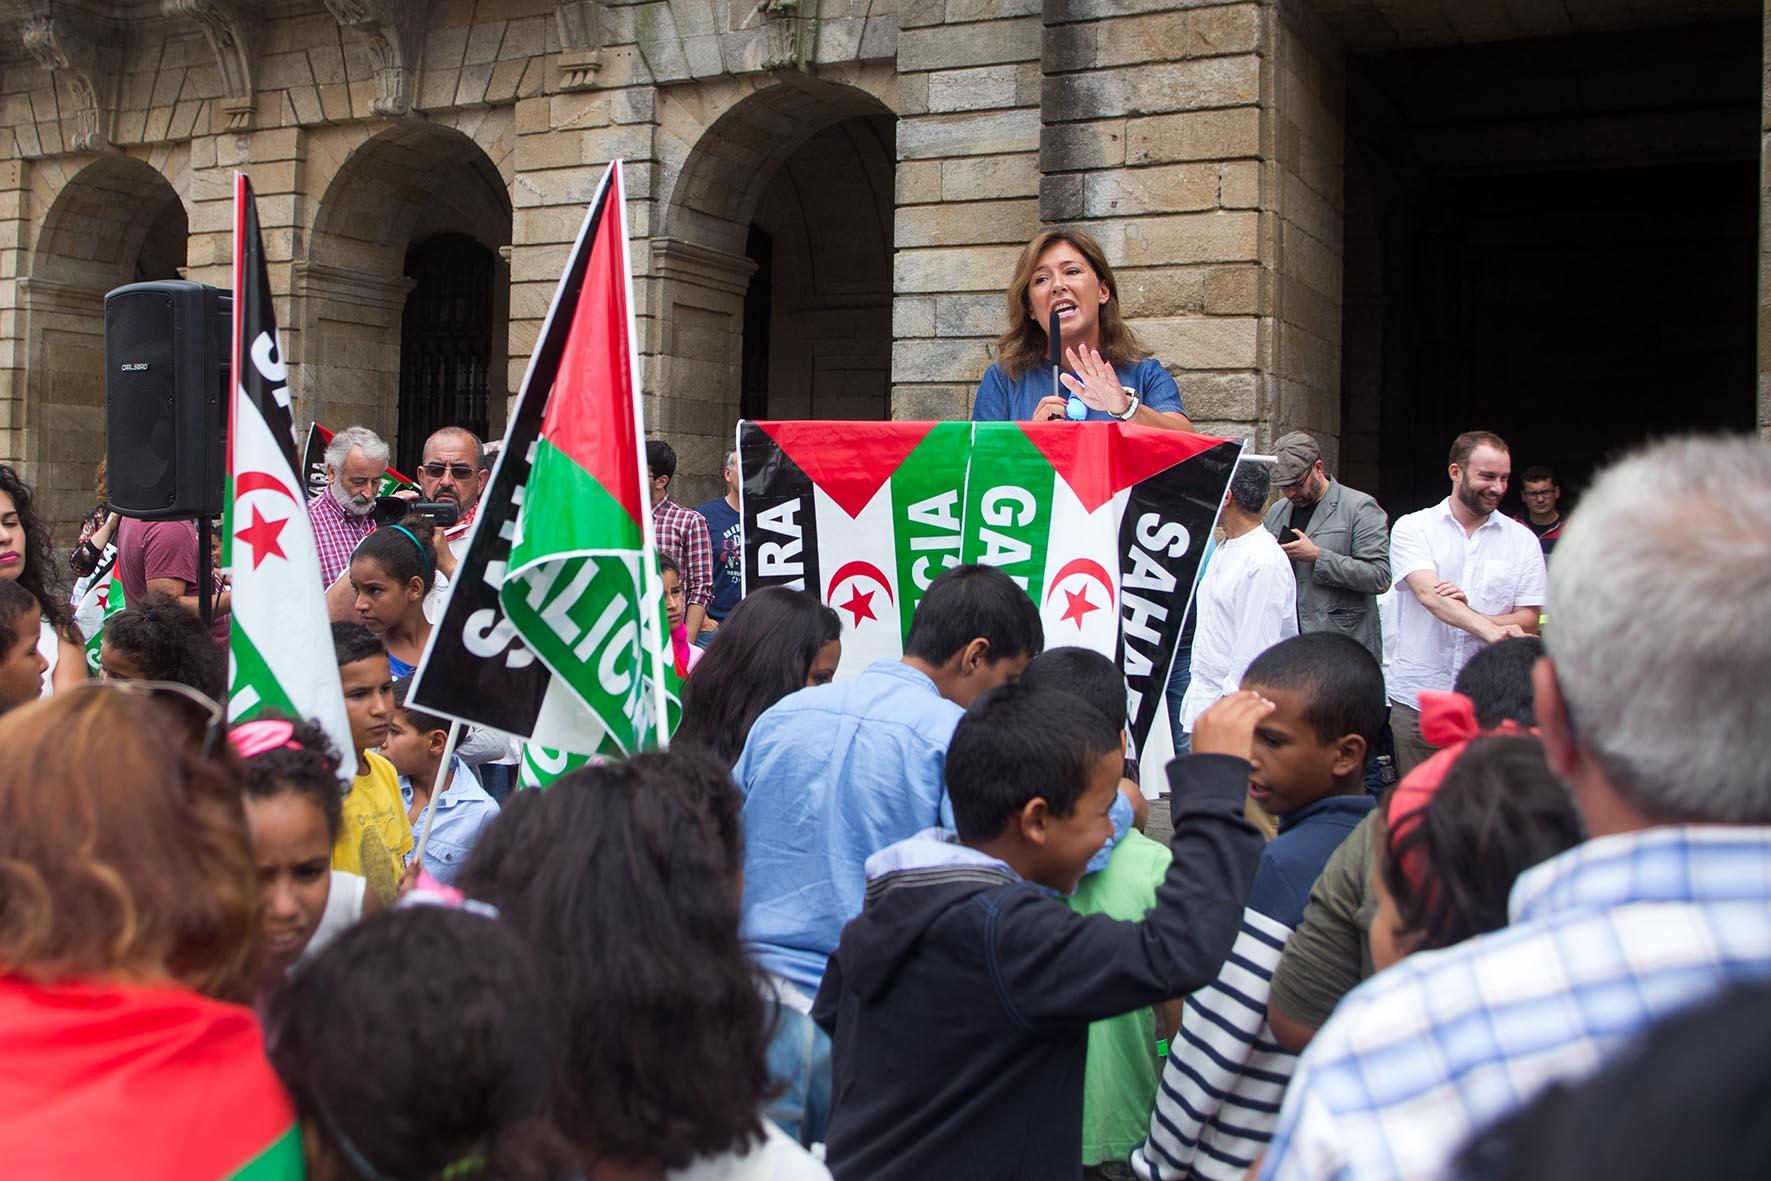 Mato-eloxia-solidariedade--familias-acollen-nenos-nenas-saharauís-programa-Vacacións-paz